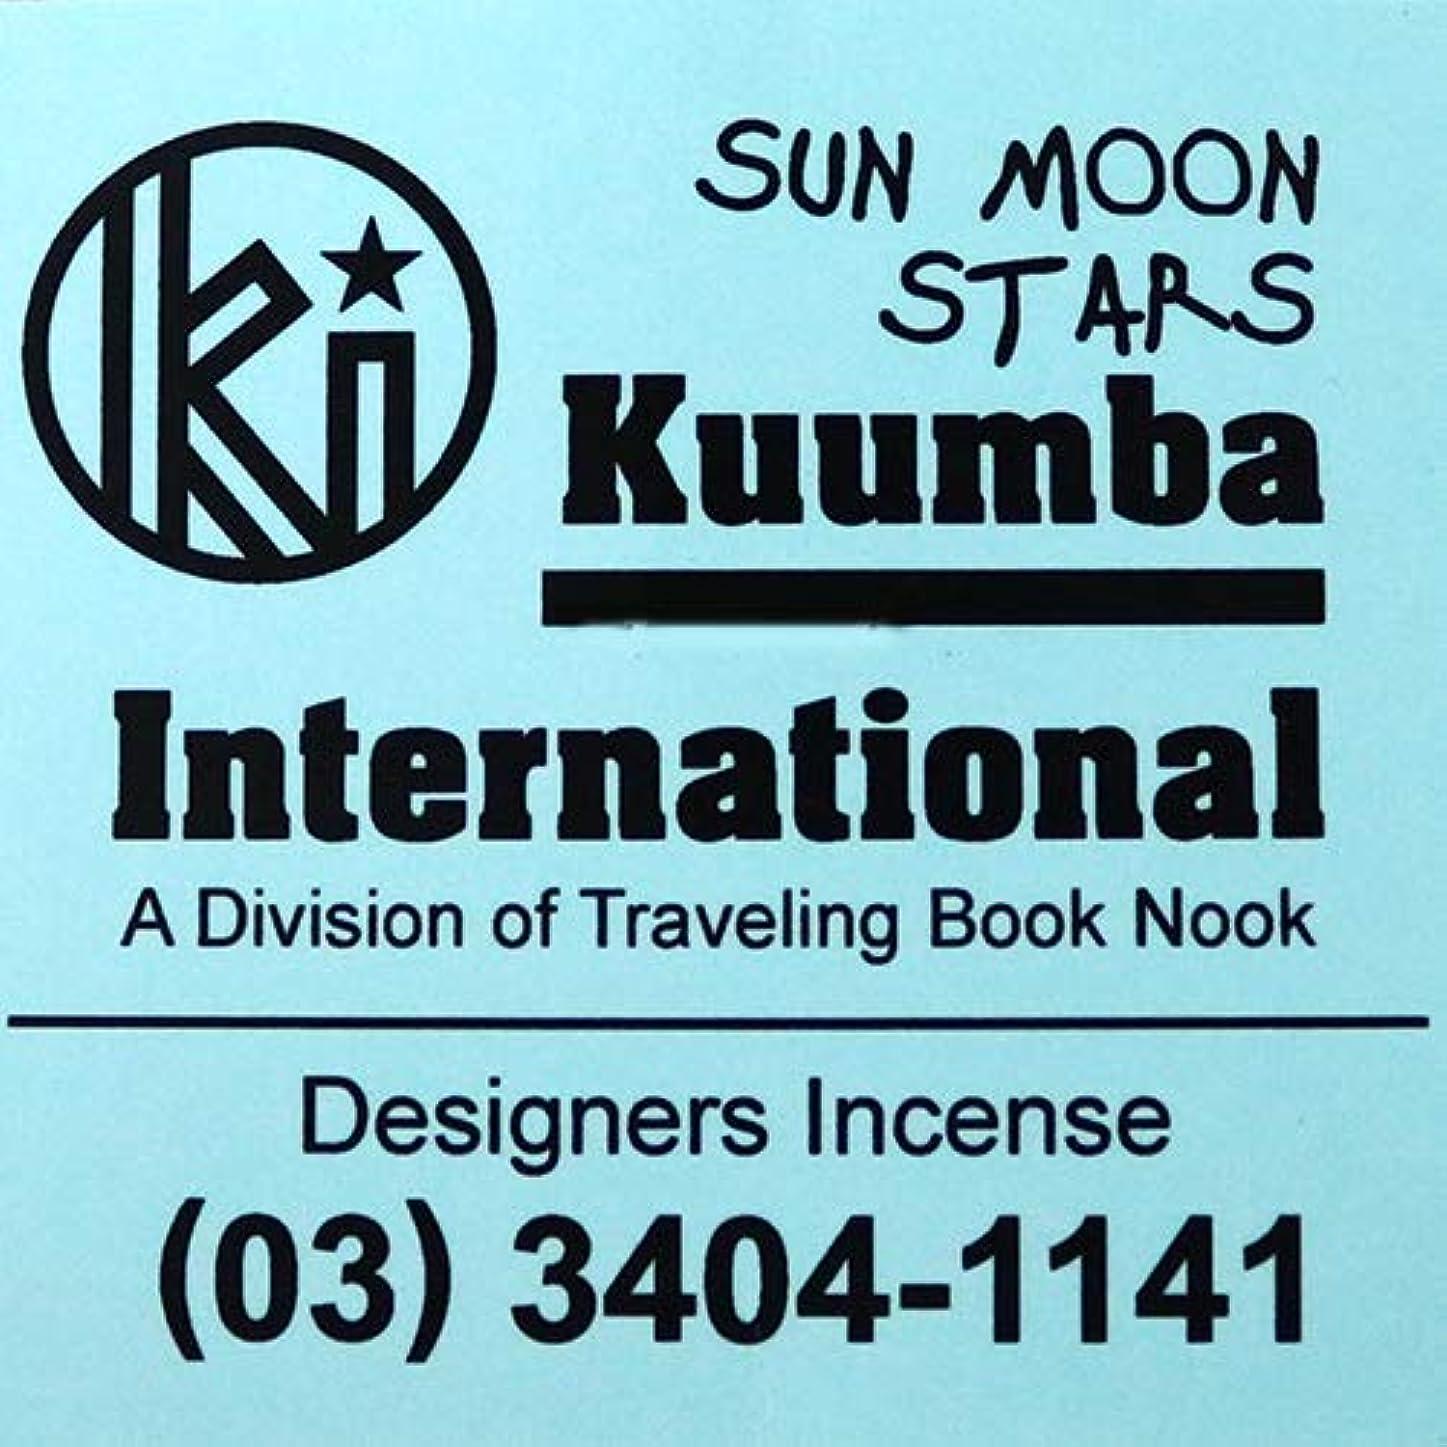 アピールぼんやりした倒産(クンバ) KUUMBA『incense』(SUN MOON STARS) (SUN MOON STARS, Regular size)